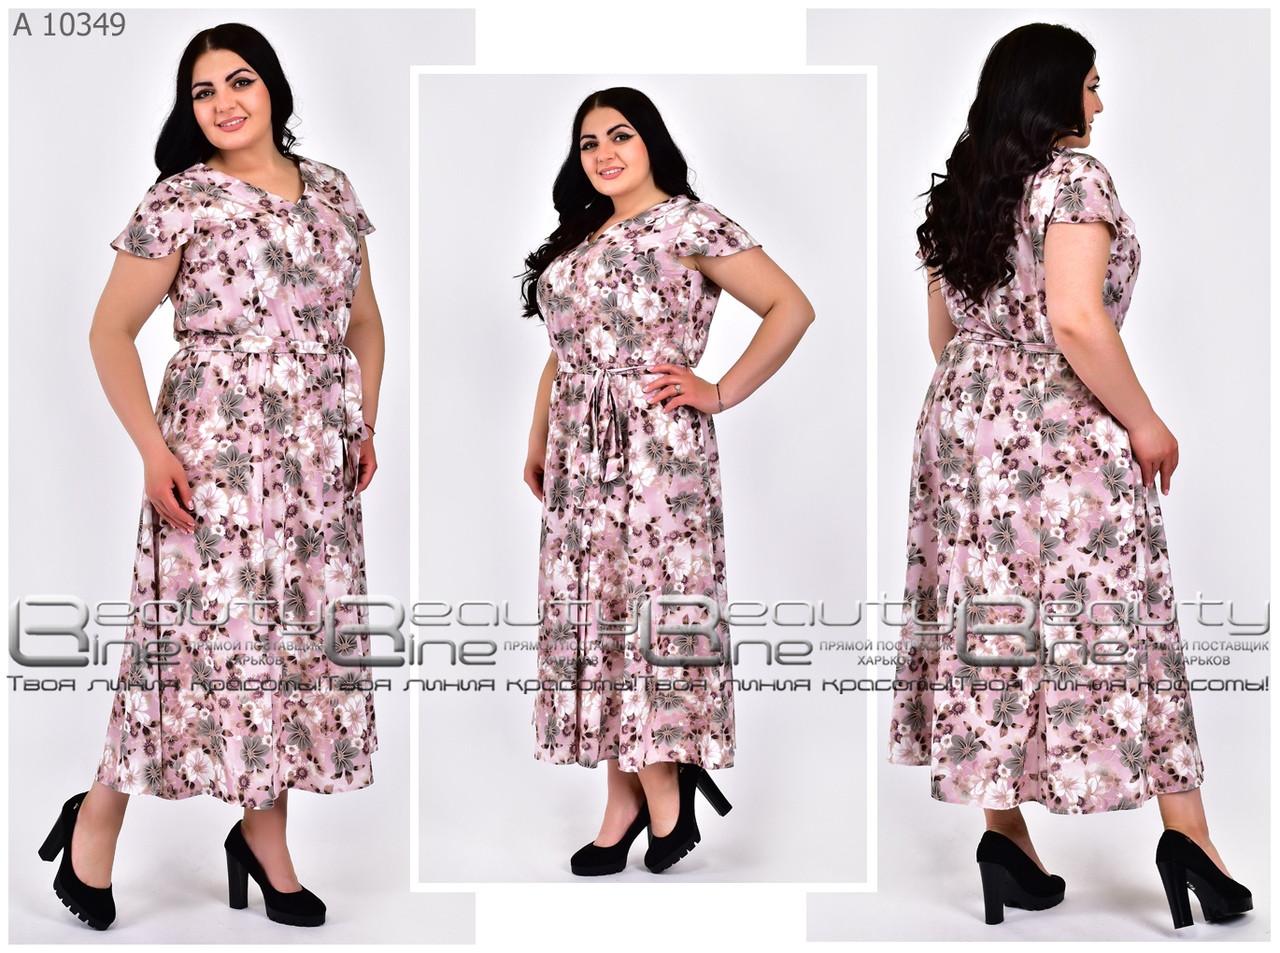 Красивое женское платье в большом размере размер:54.56.58.60.62.64